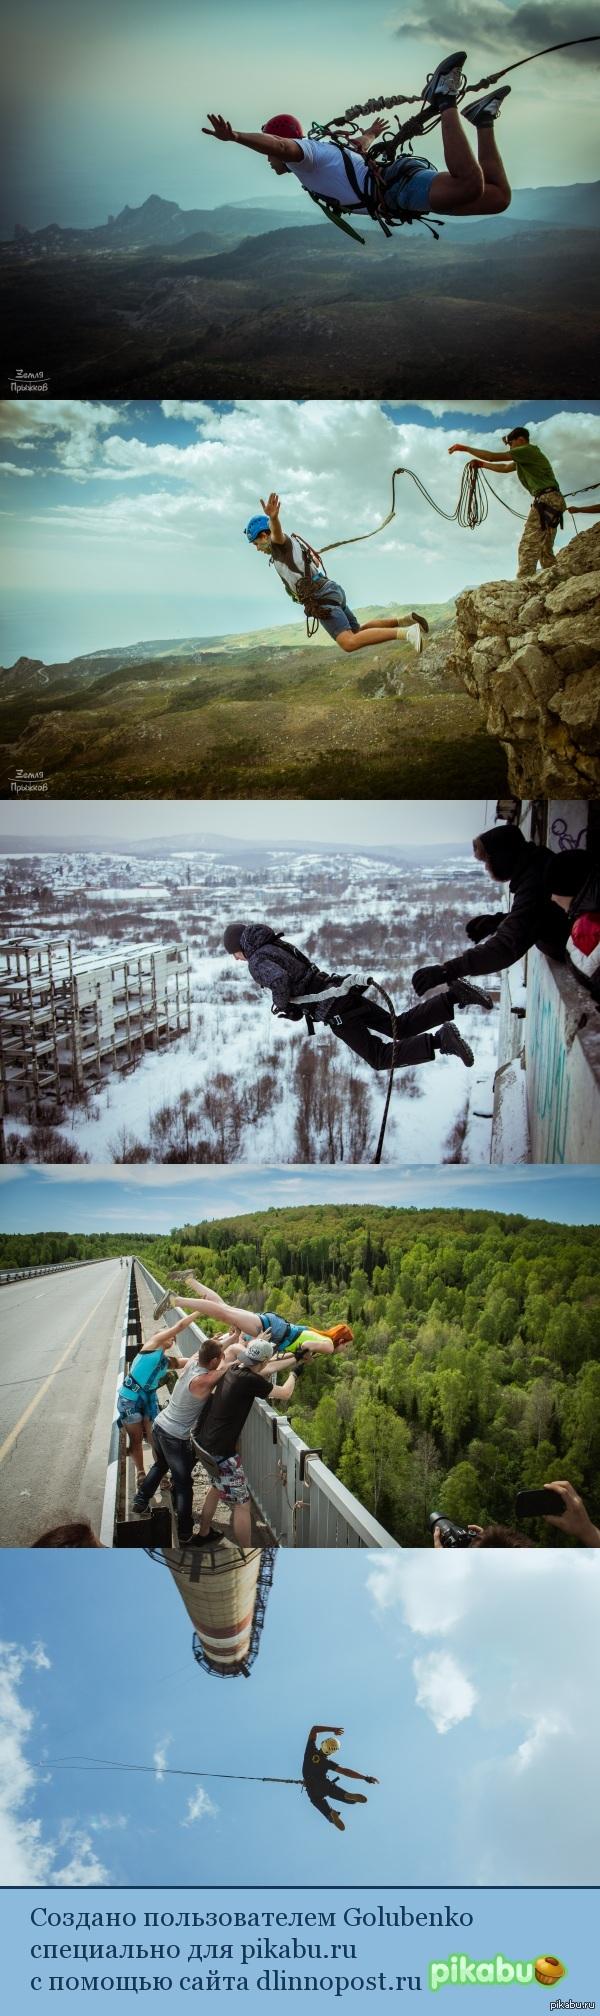 RopeJump через мой объектив. топчем бережно,первопост)  Прыжки со скалы Шаан-Кая Крым,Бирюлевского моста на трассе Алтай-Кузбасс,труба в Павловске(около Питера)   Если интересно,будет еще :